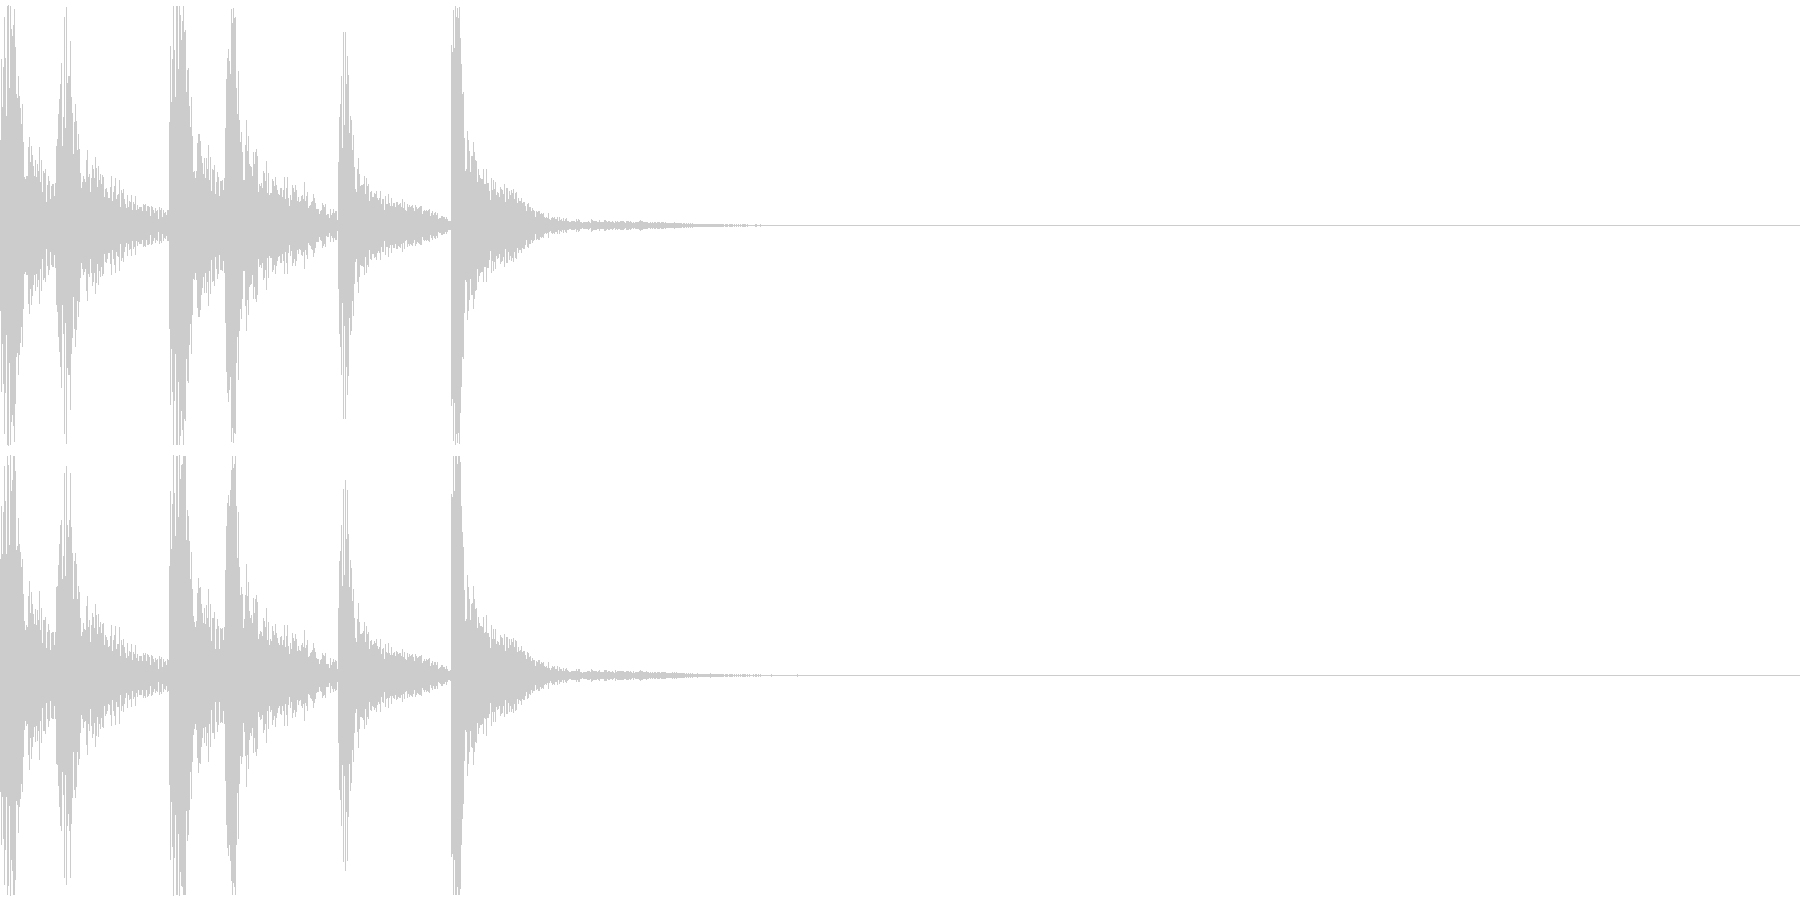 シンプルなジングルその1の未再生の波形